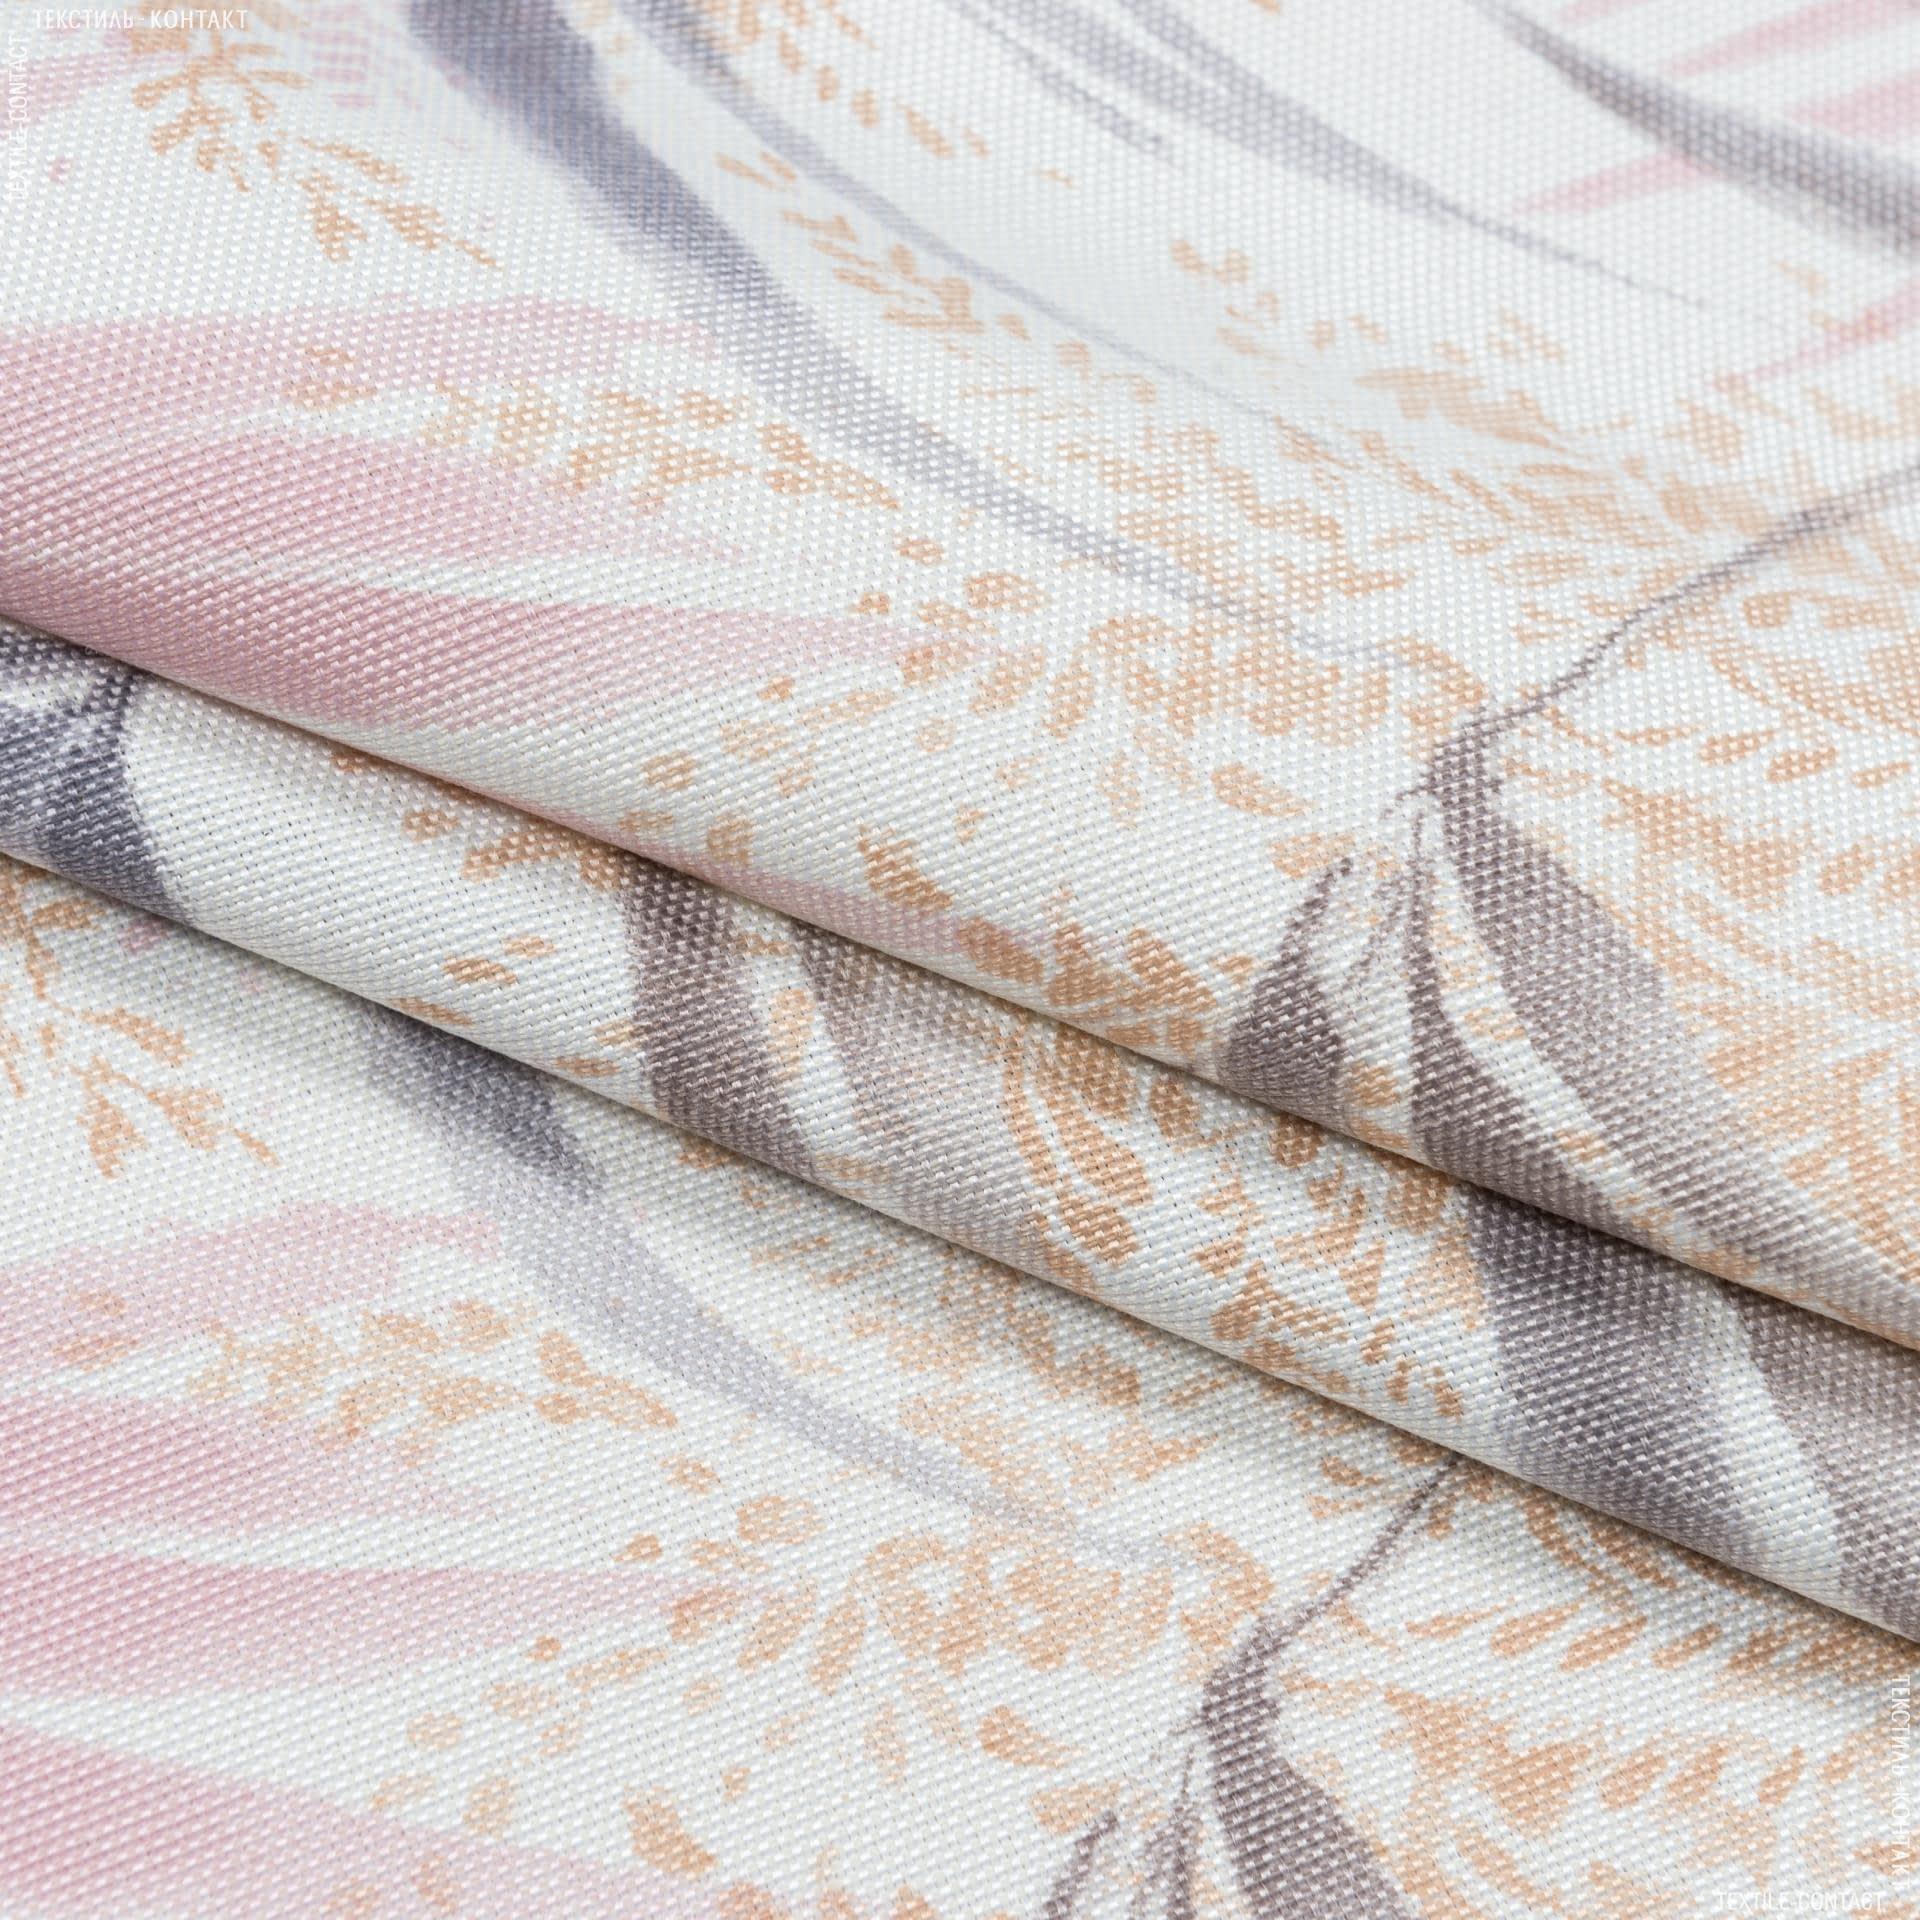 Тканини портьєрні тканини - Декоративна тканина macapa листя рожевий сірий